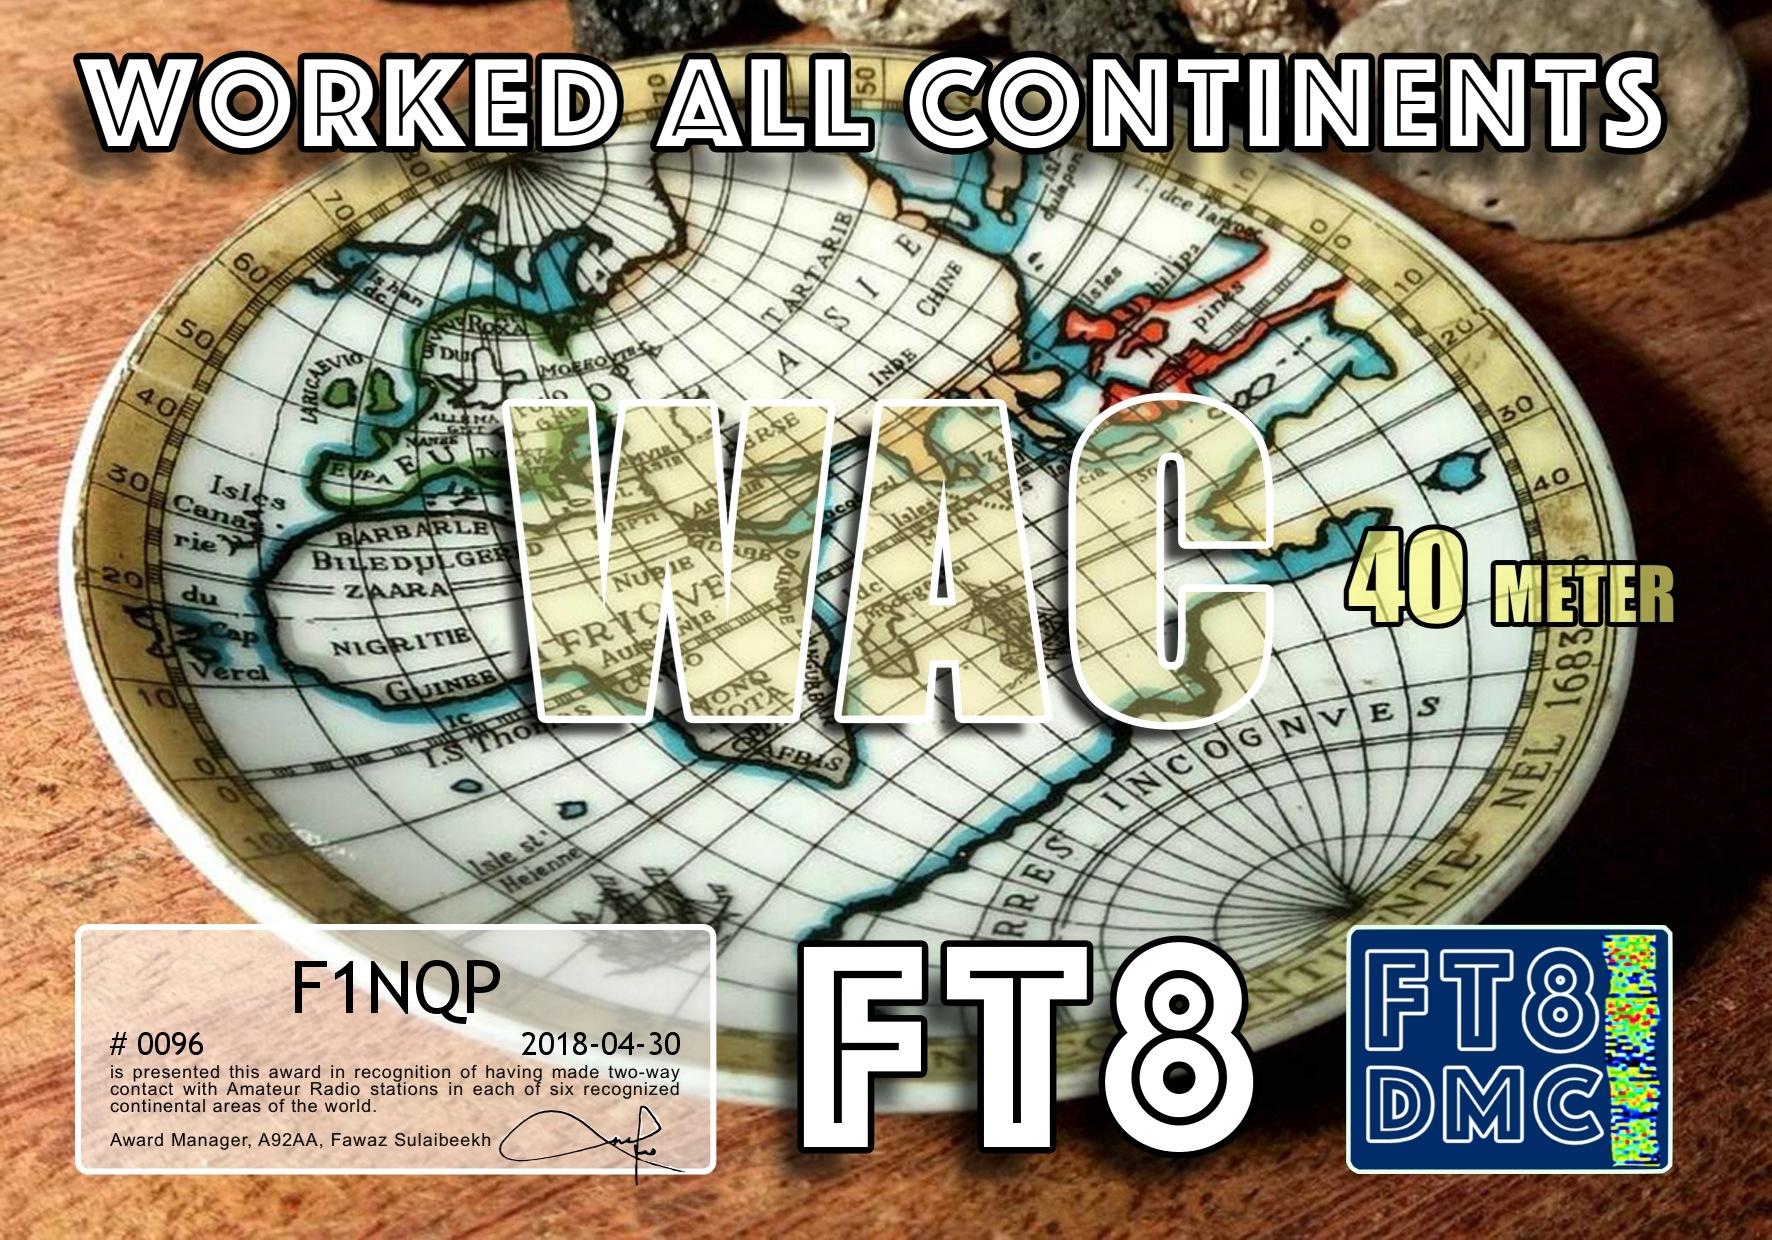 F1NQP-WAC-40M.jpg